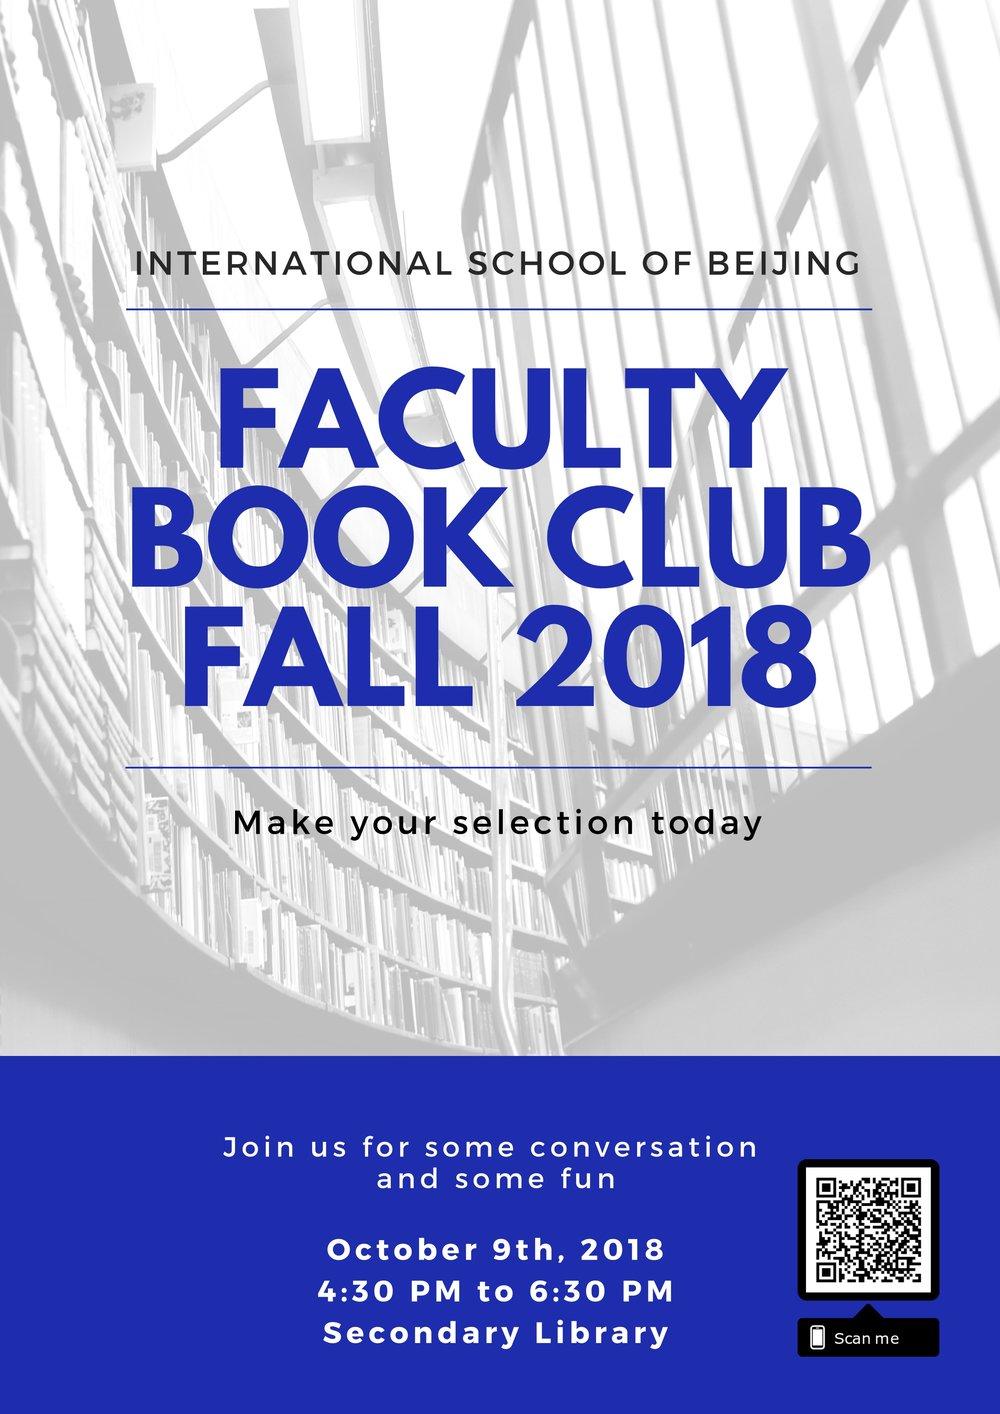 Fall 2018 FBC Poster.jpg